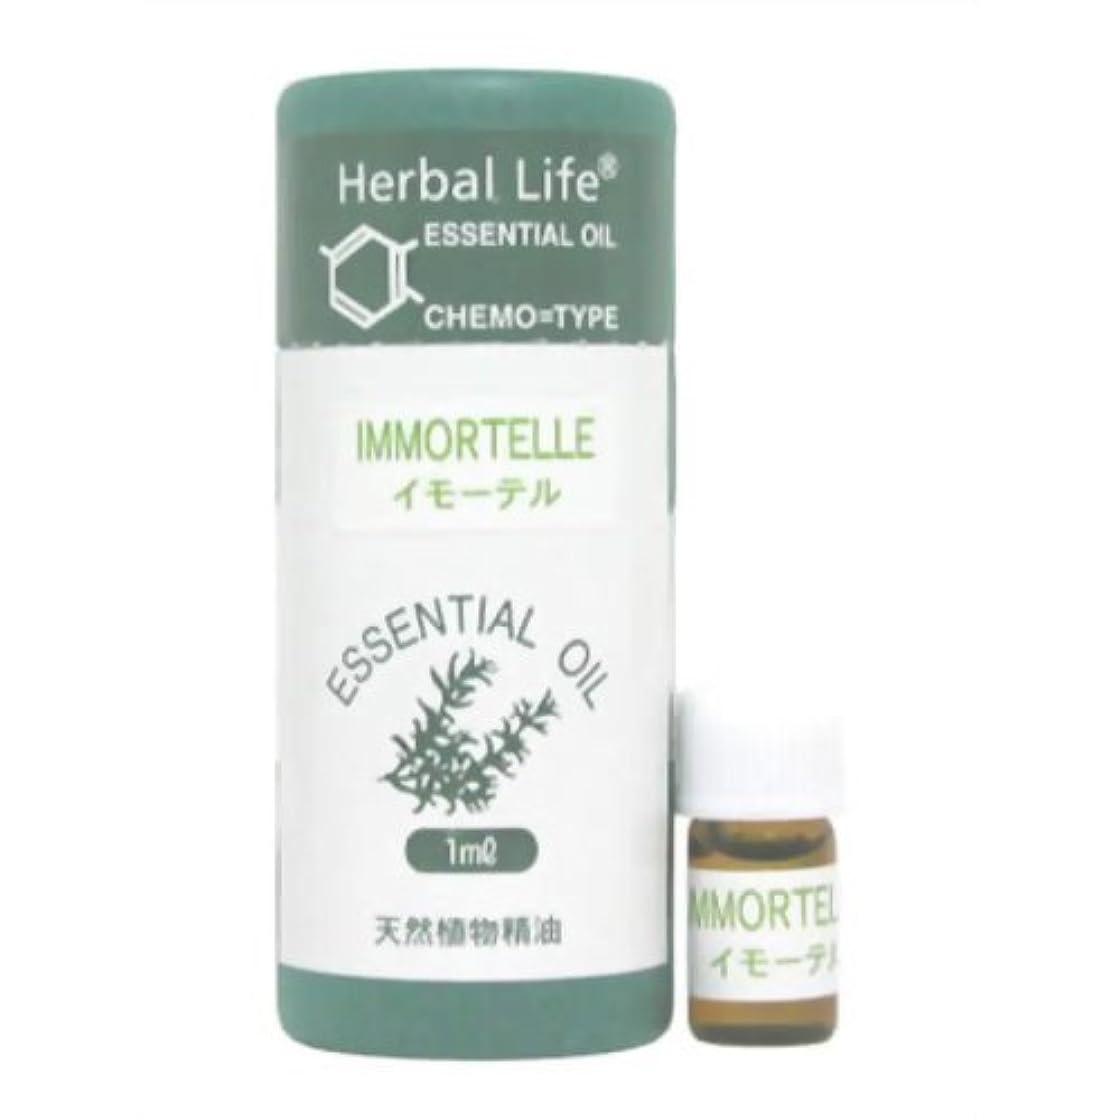 Herbal Life イモーテル(ヘリクリサム) 1ml